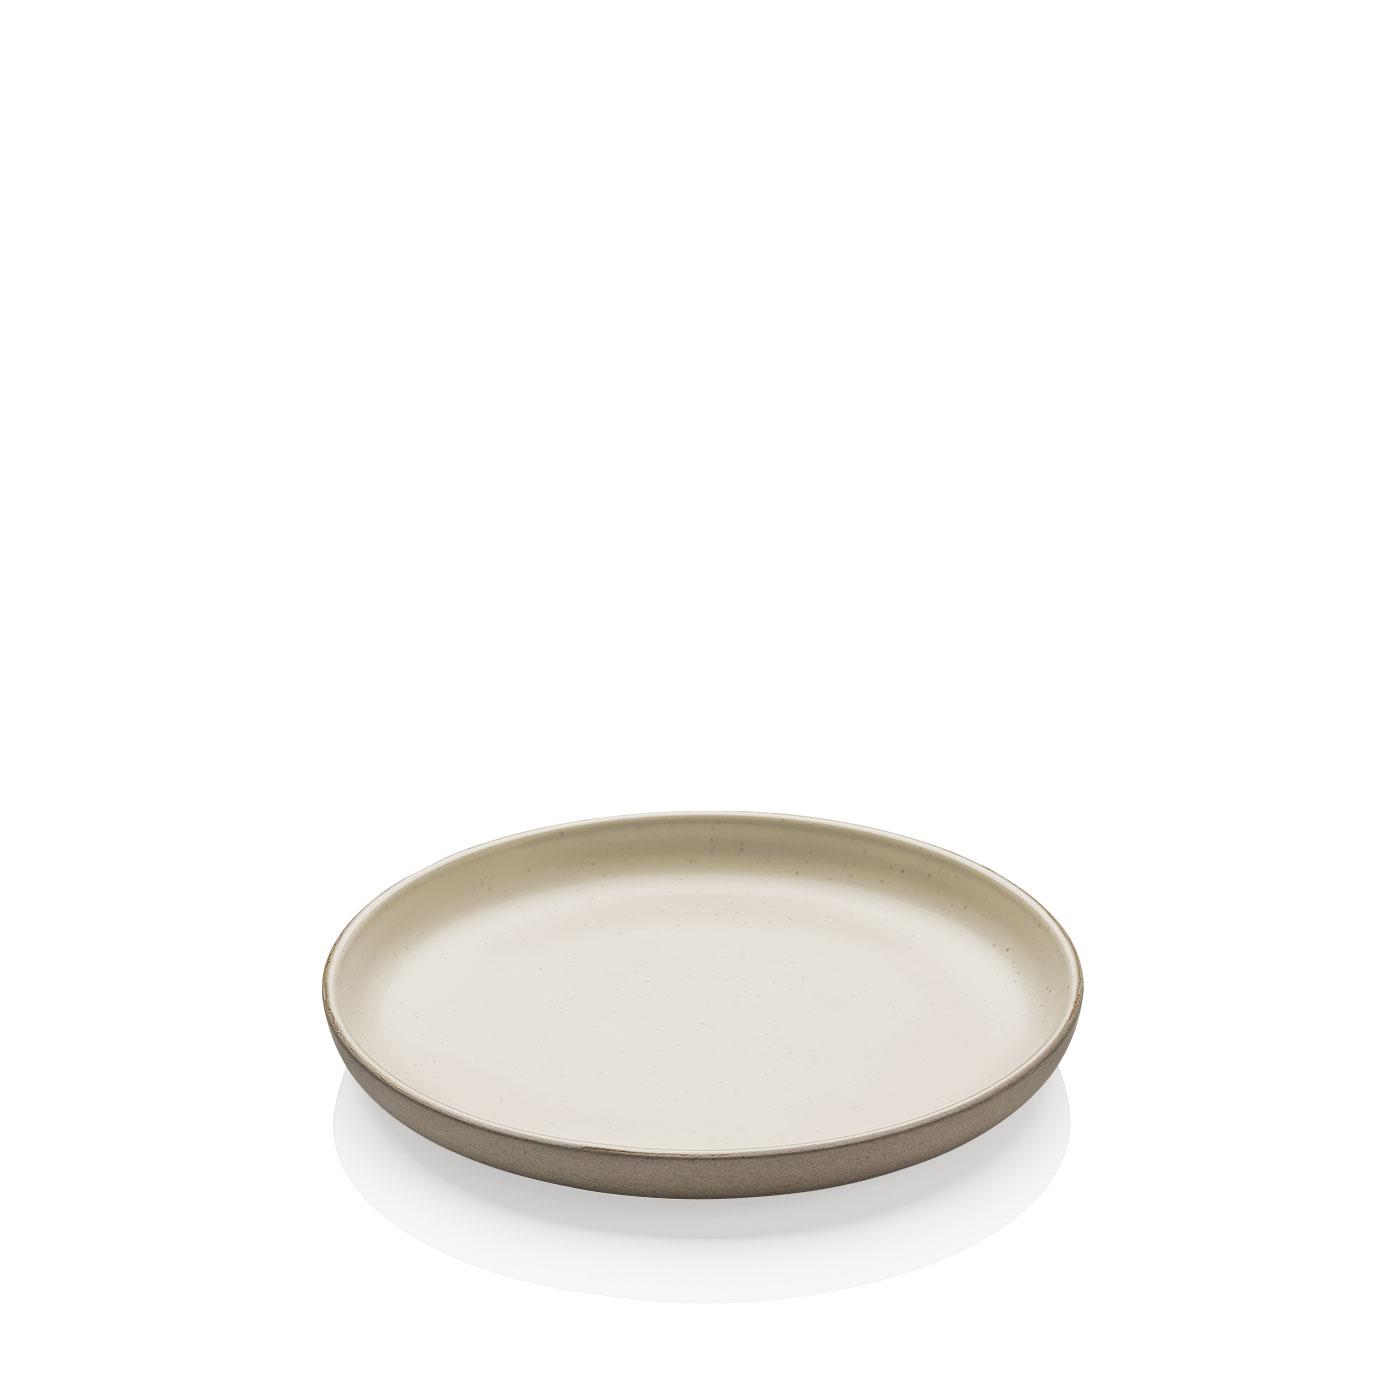 Gourmetteller 20 cm Joyn Stoneware Ash Arzberg